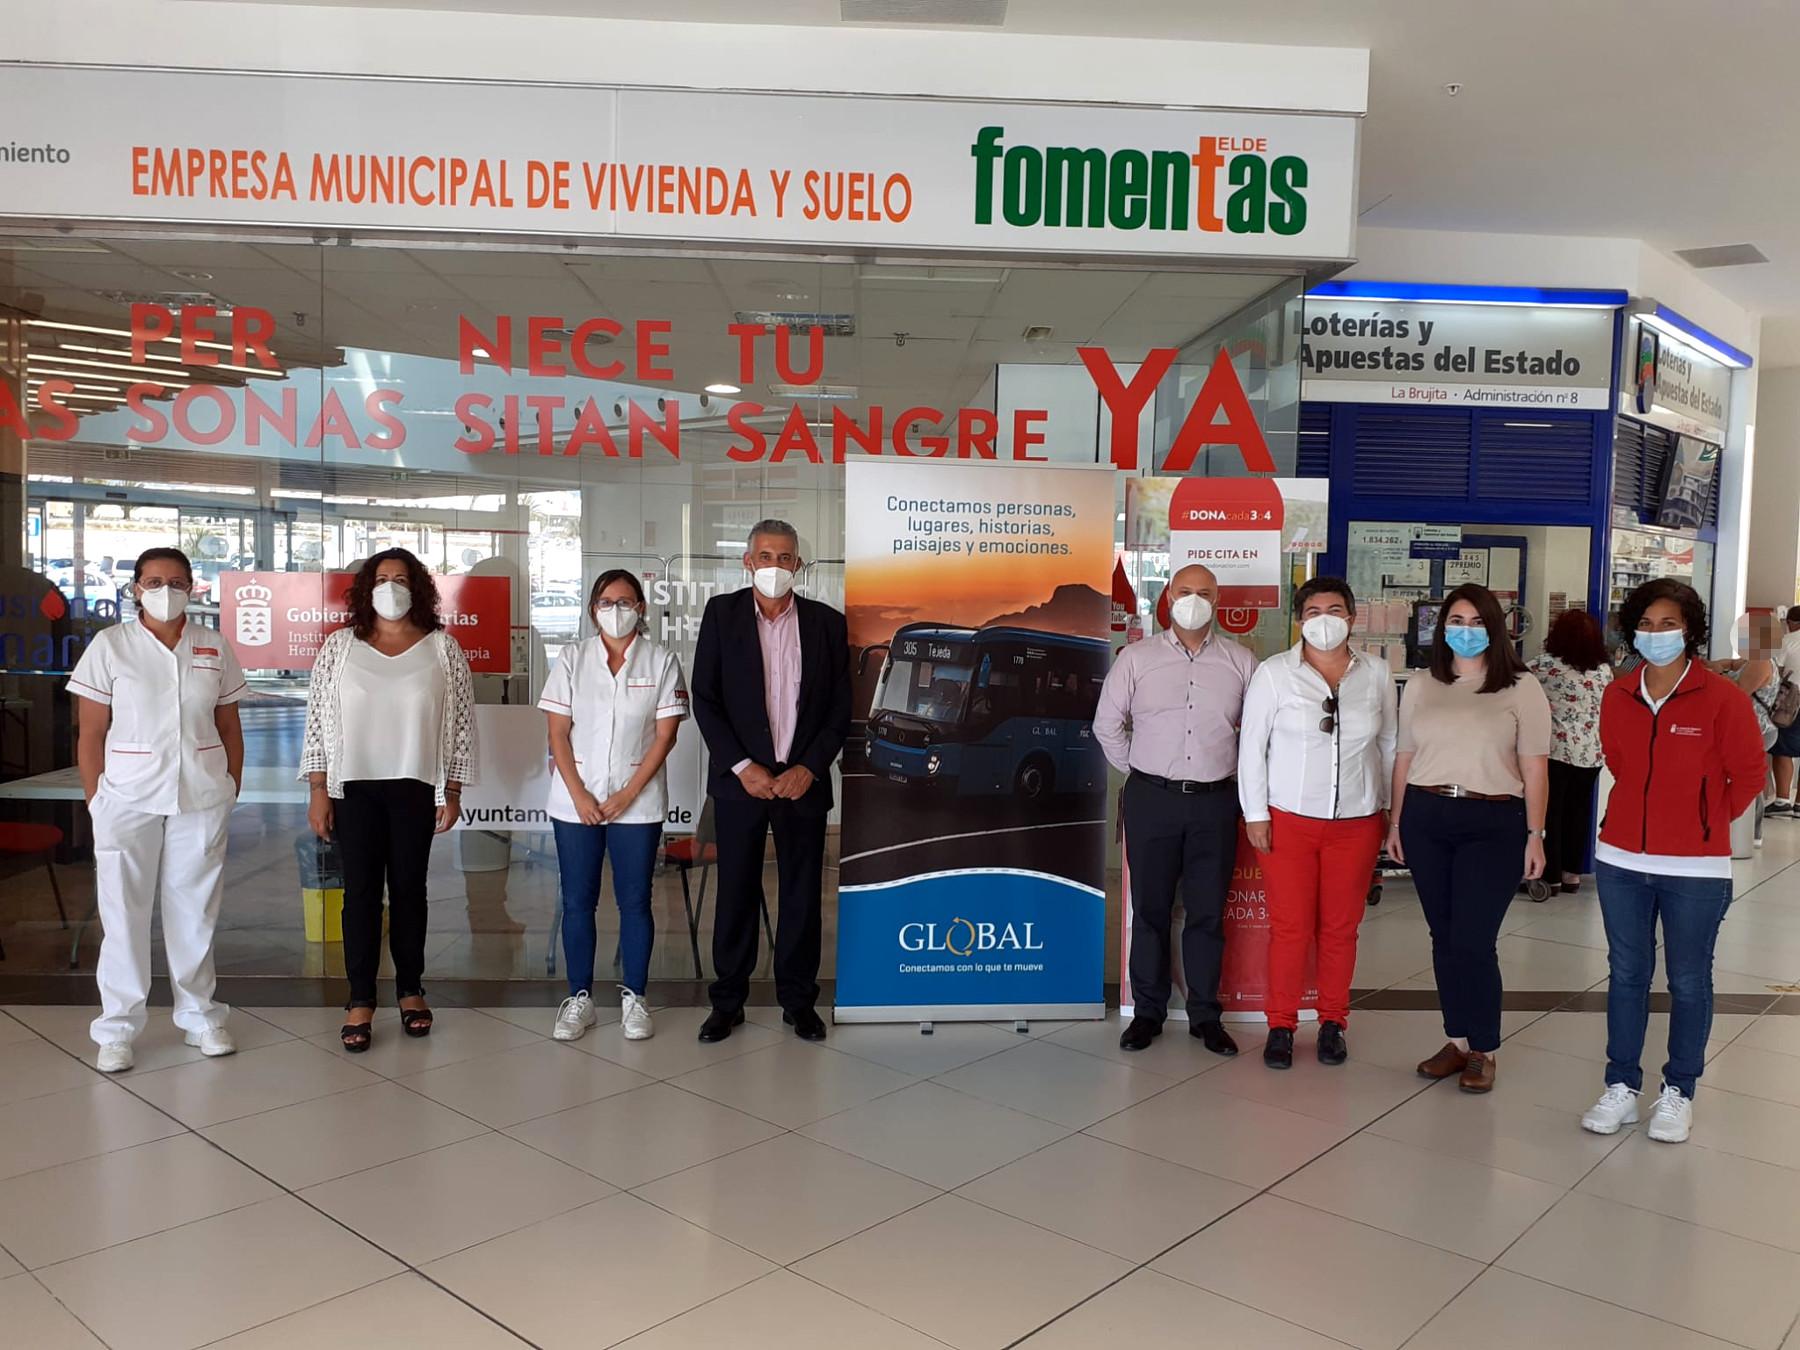 El ICHH celebra una colecta de donación de sangre con la empresa Global en Telde